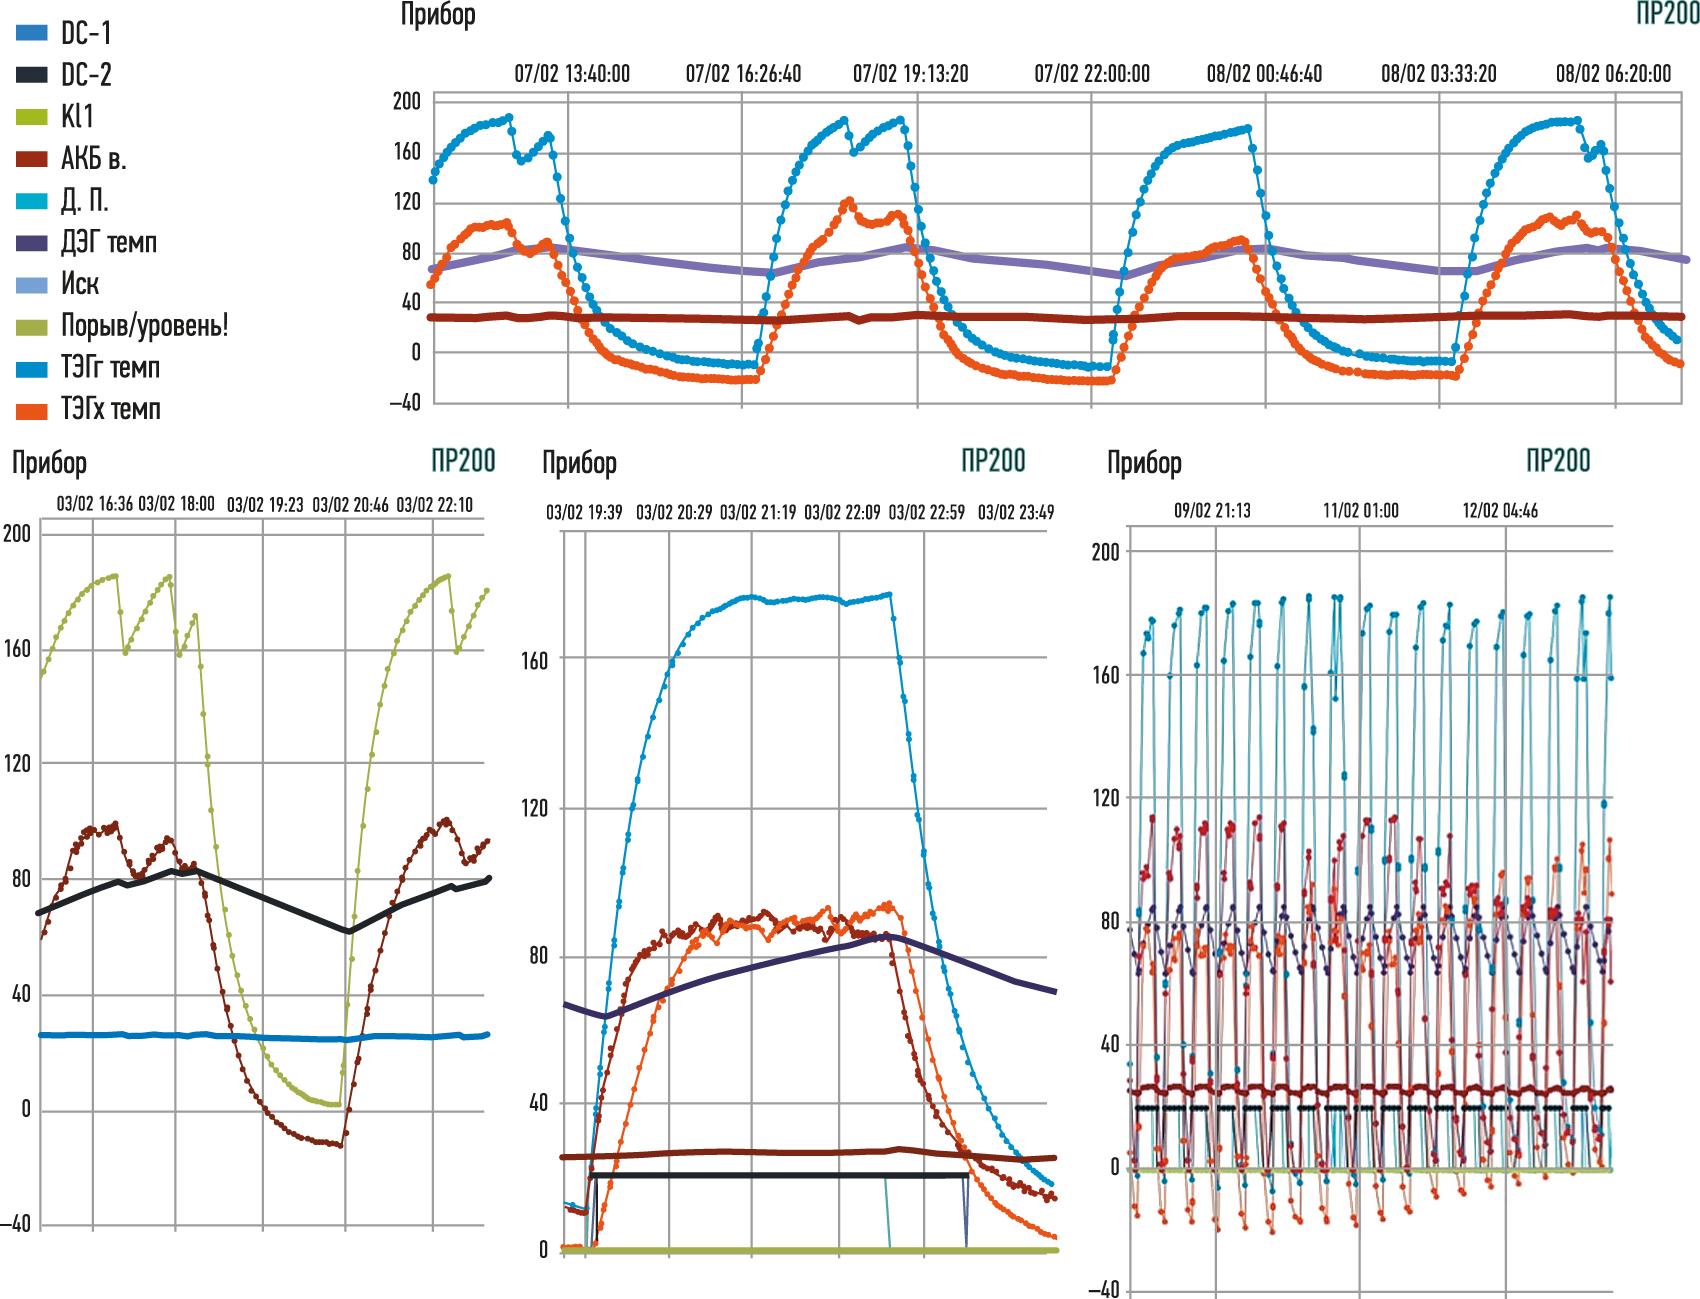 Отображение режимов работы модернизированного подогревателя